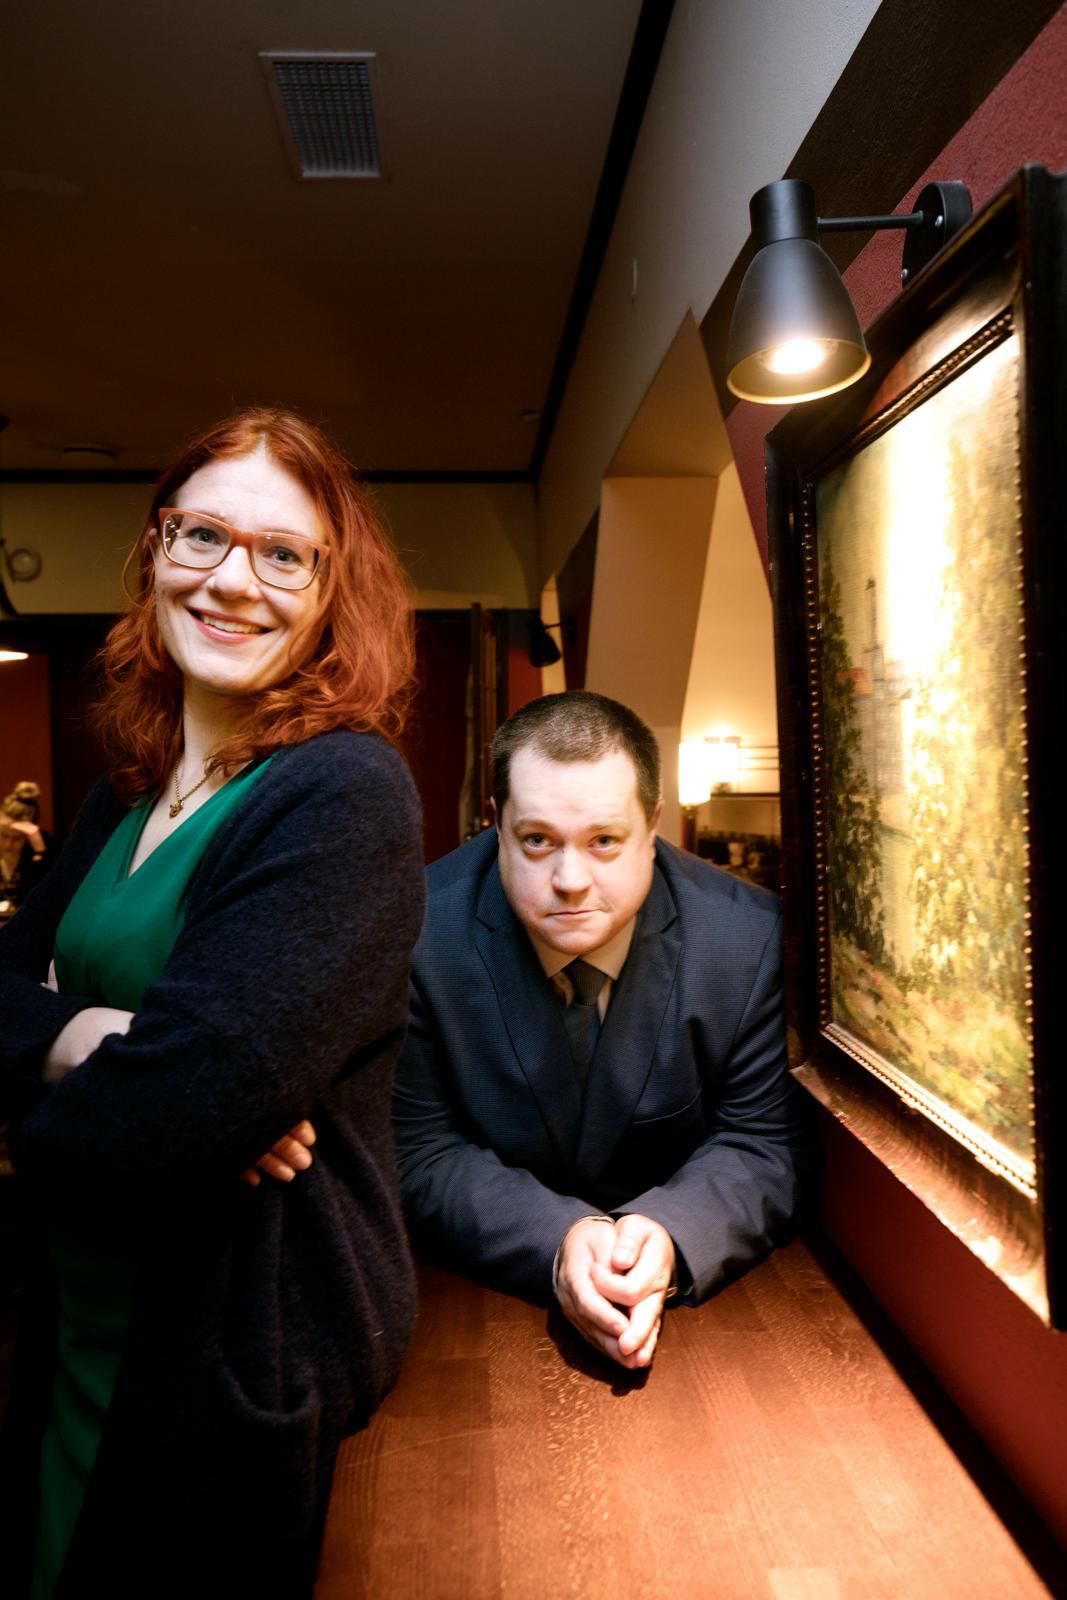 Annika Rönni-Sällinen ja Jouni Tallgren haastateltiin Juttutupa-ravintolassa Helsingissä niin, että he eivät kuulleet toistensa vastauksia. Kuva: Liisa Takala